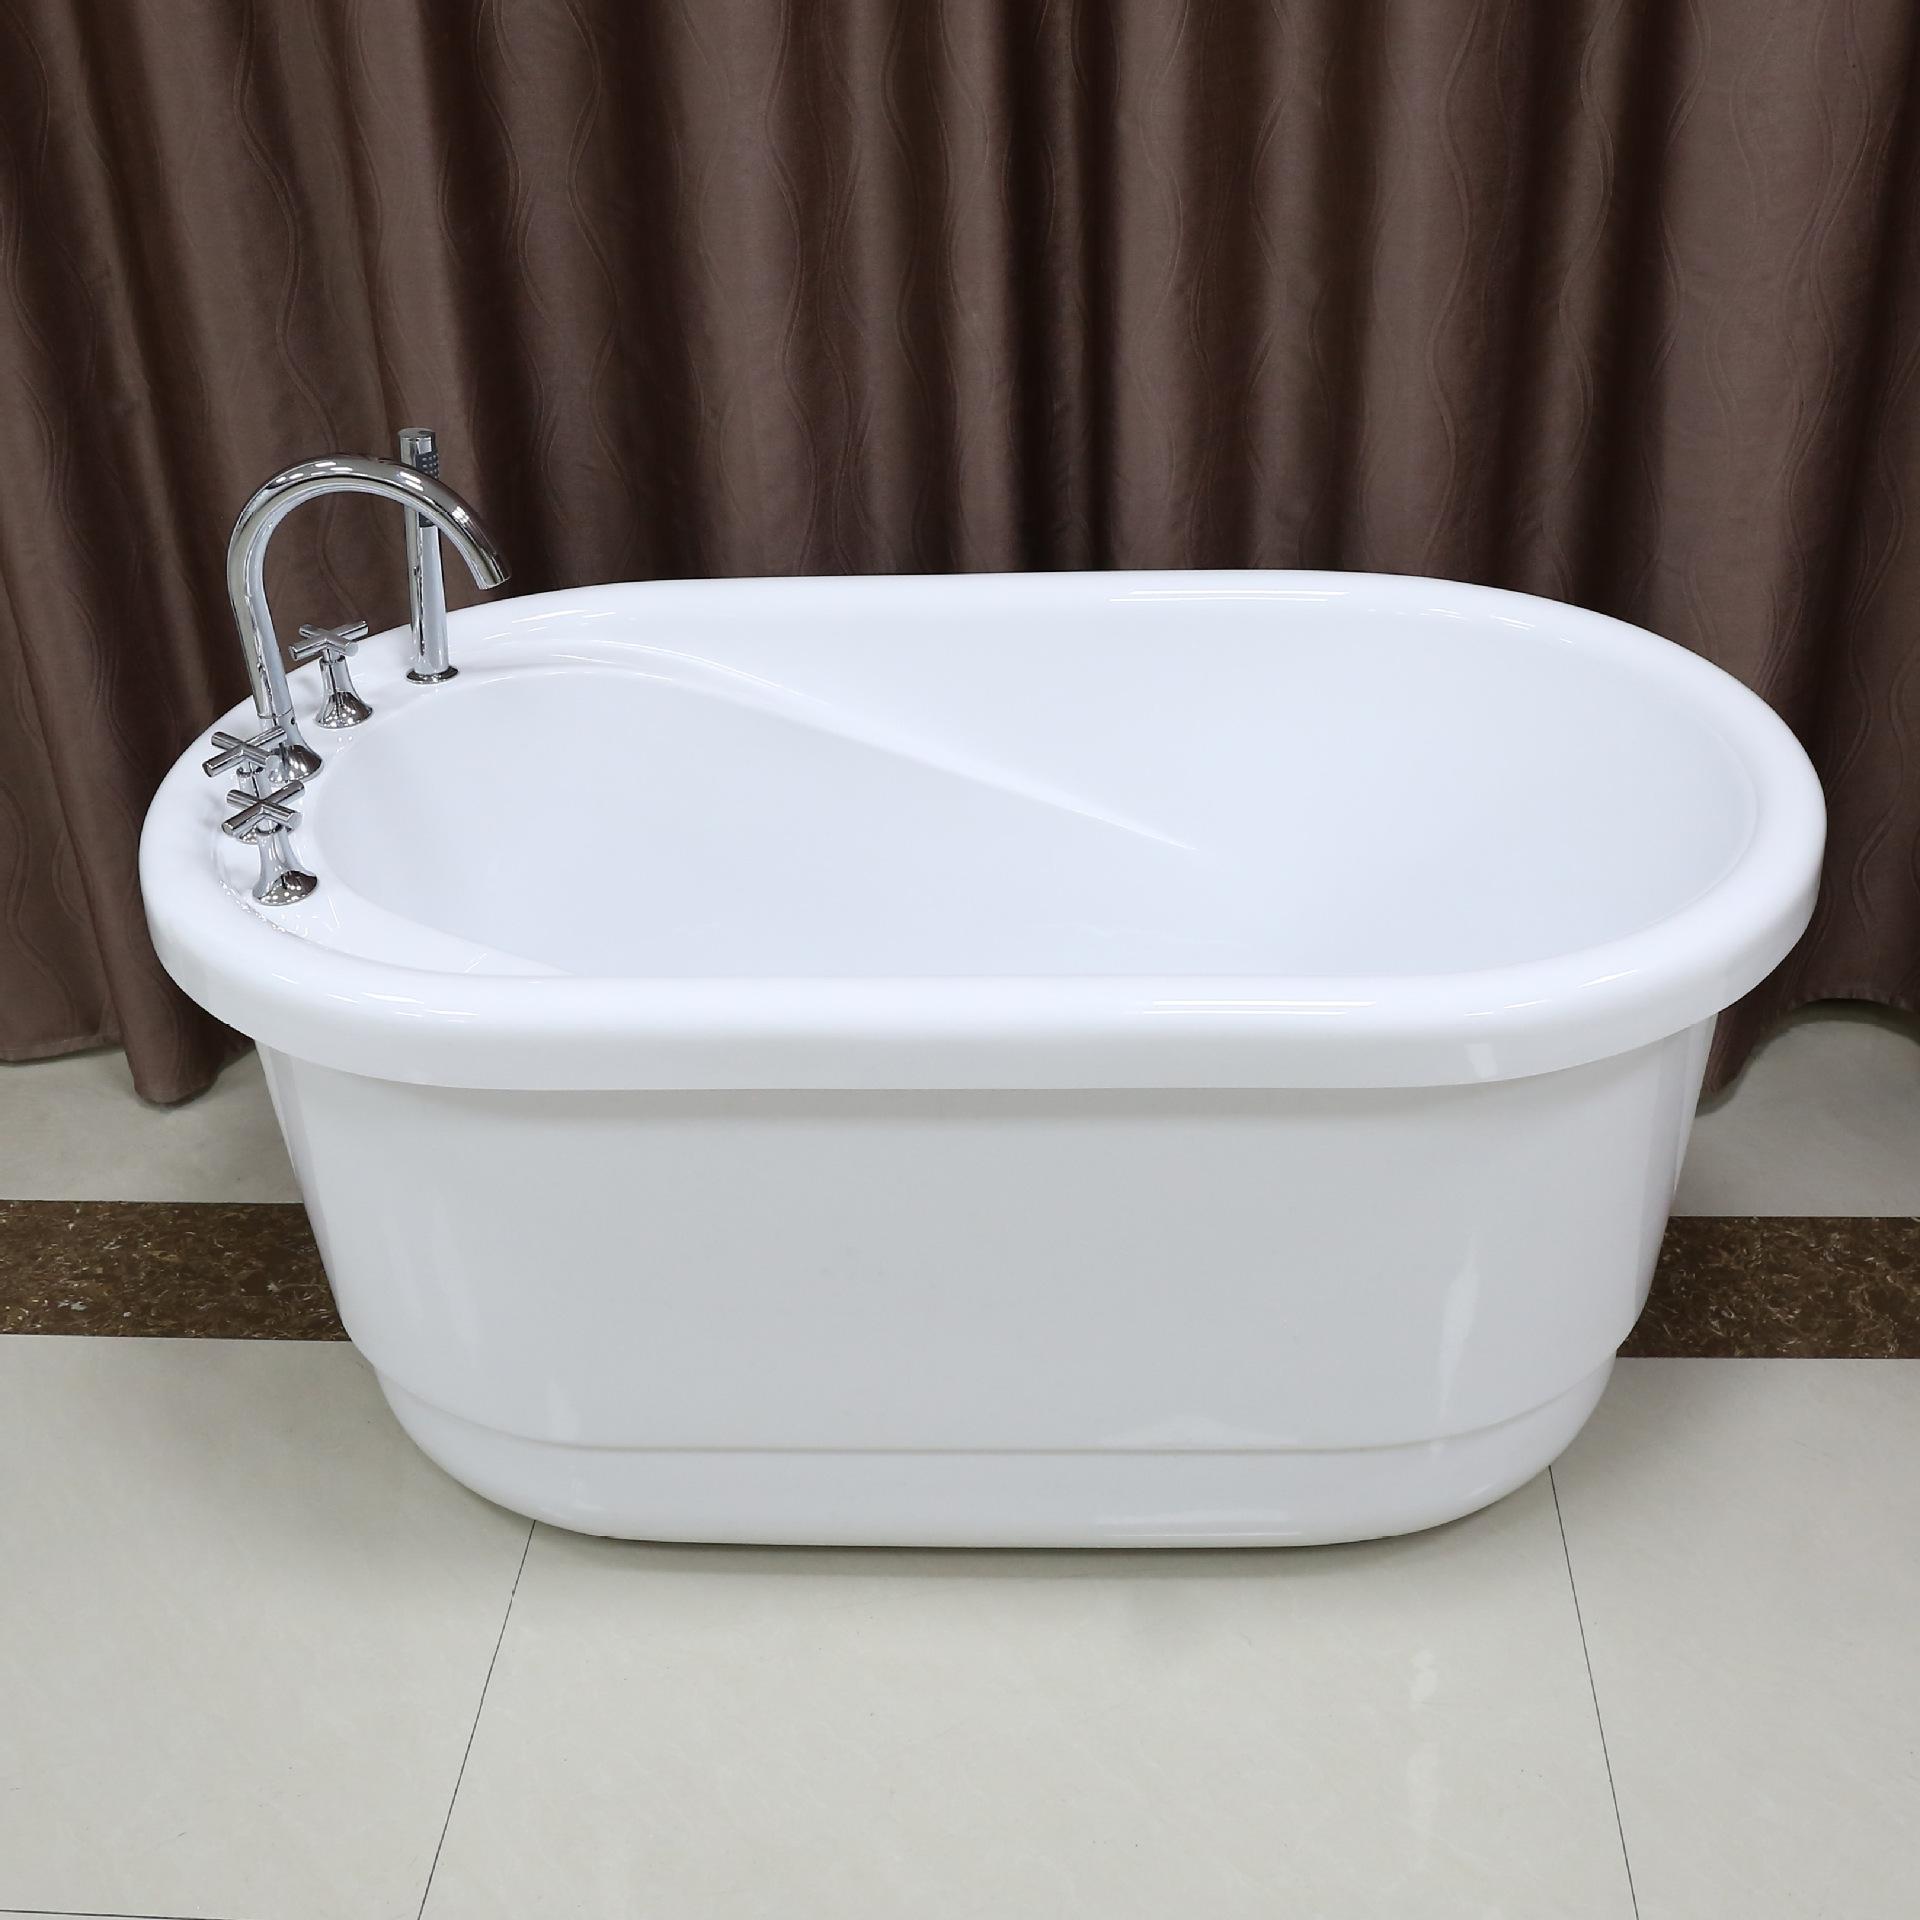 Kadisa Bồn đứng tắm Acrylic bồn tắm đứng miễn phí nhà người lớn phòng tắm sâu bong bóng bồn tắm kích